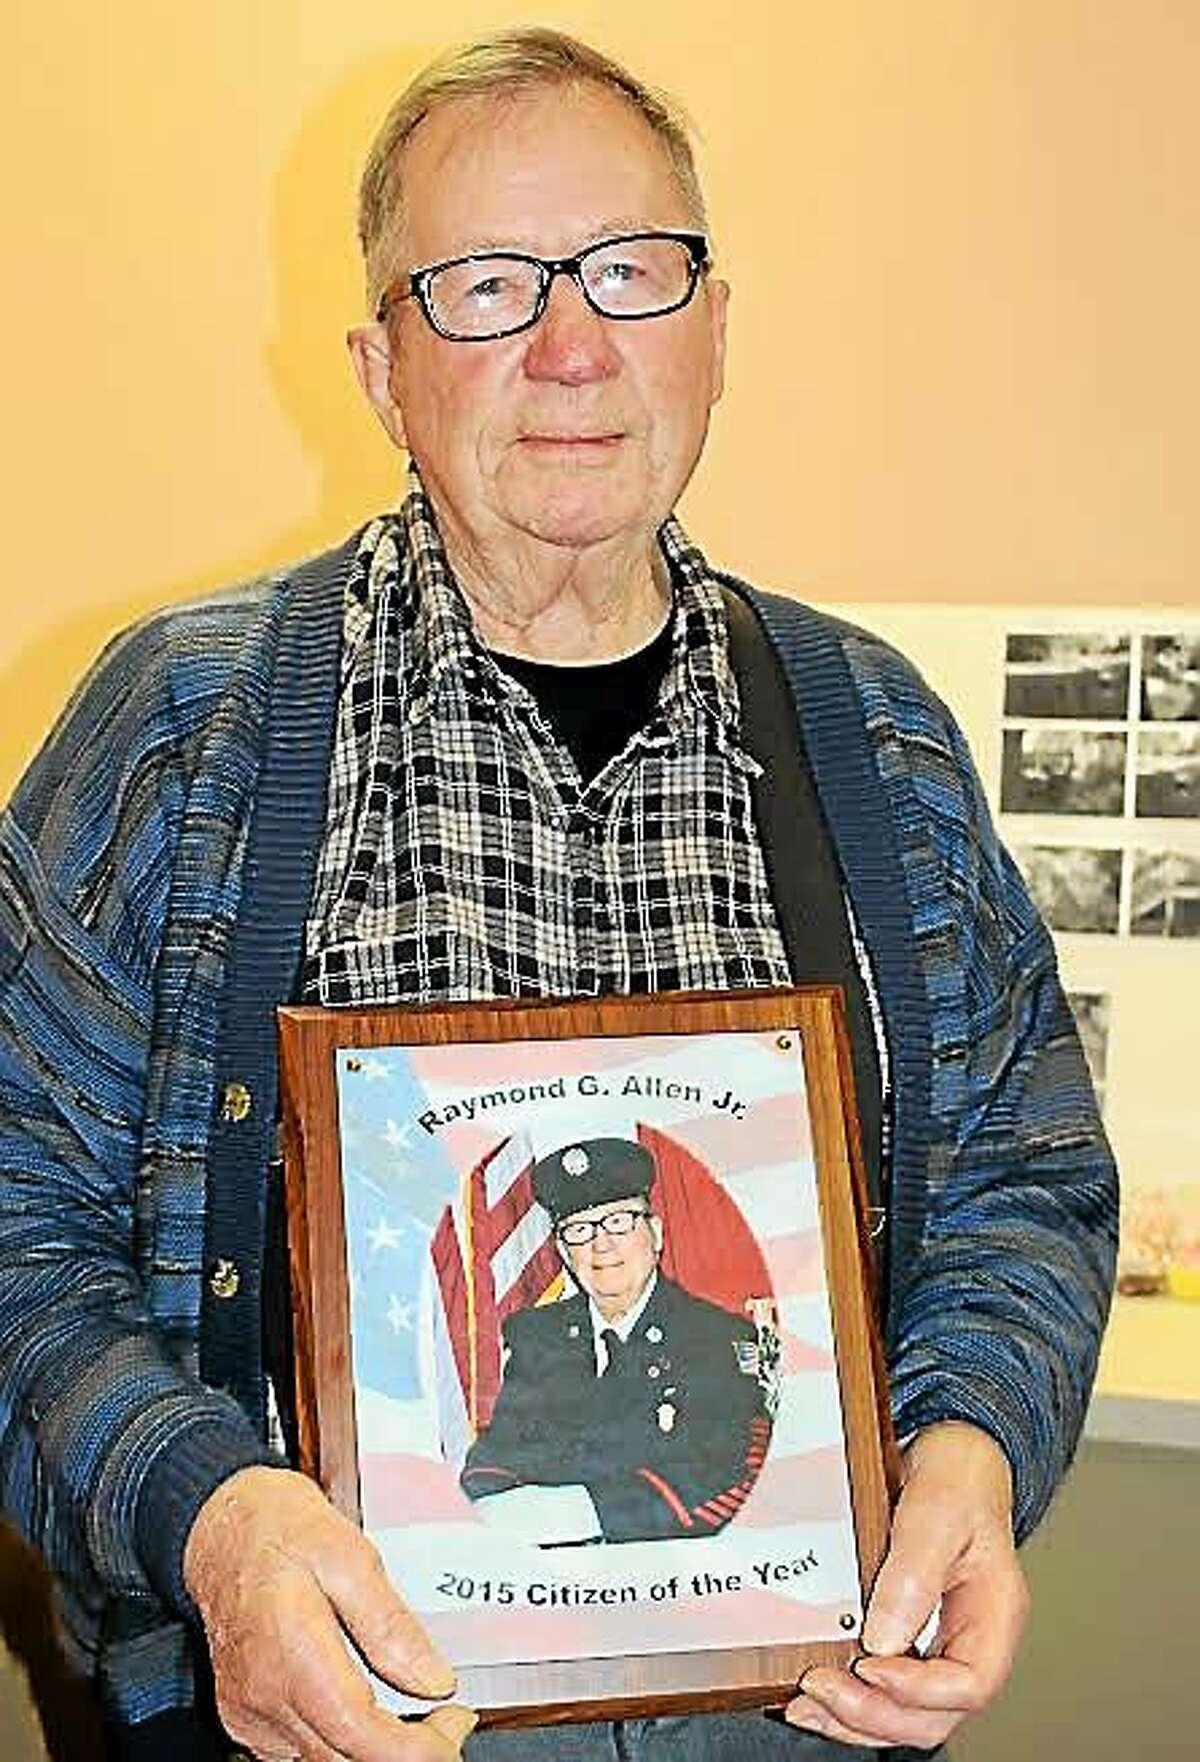 Raymond G. Allen, Derby's Citizen of the Year.